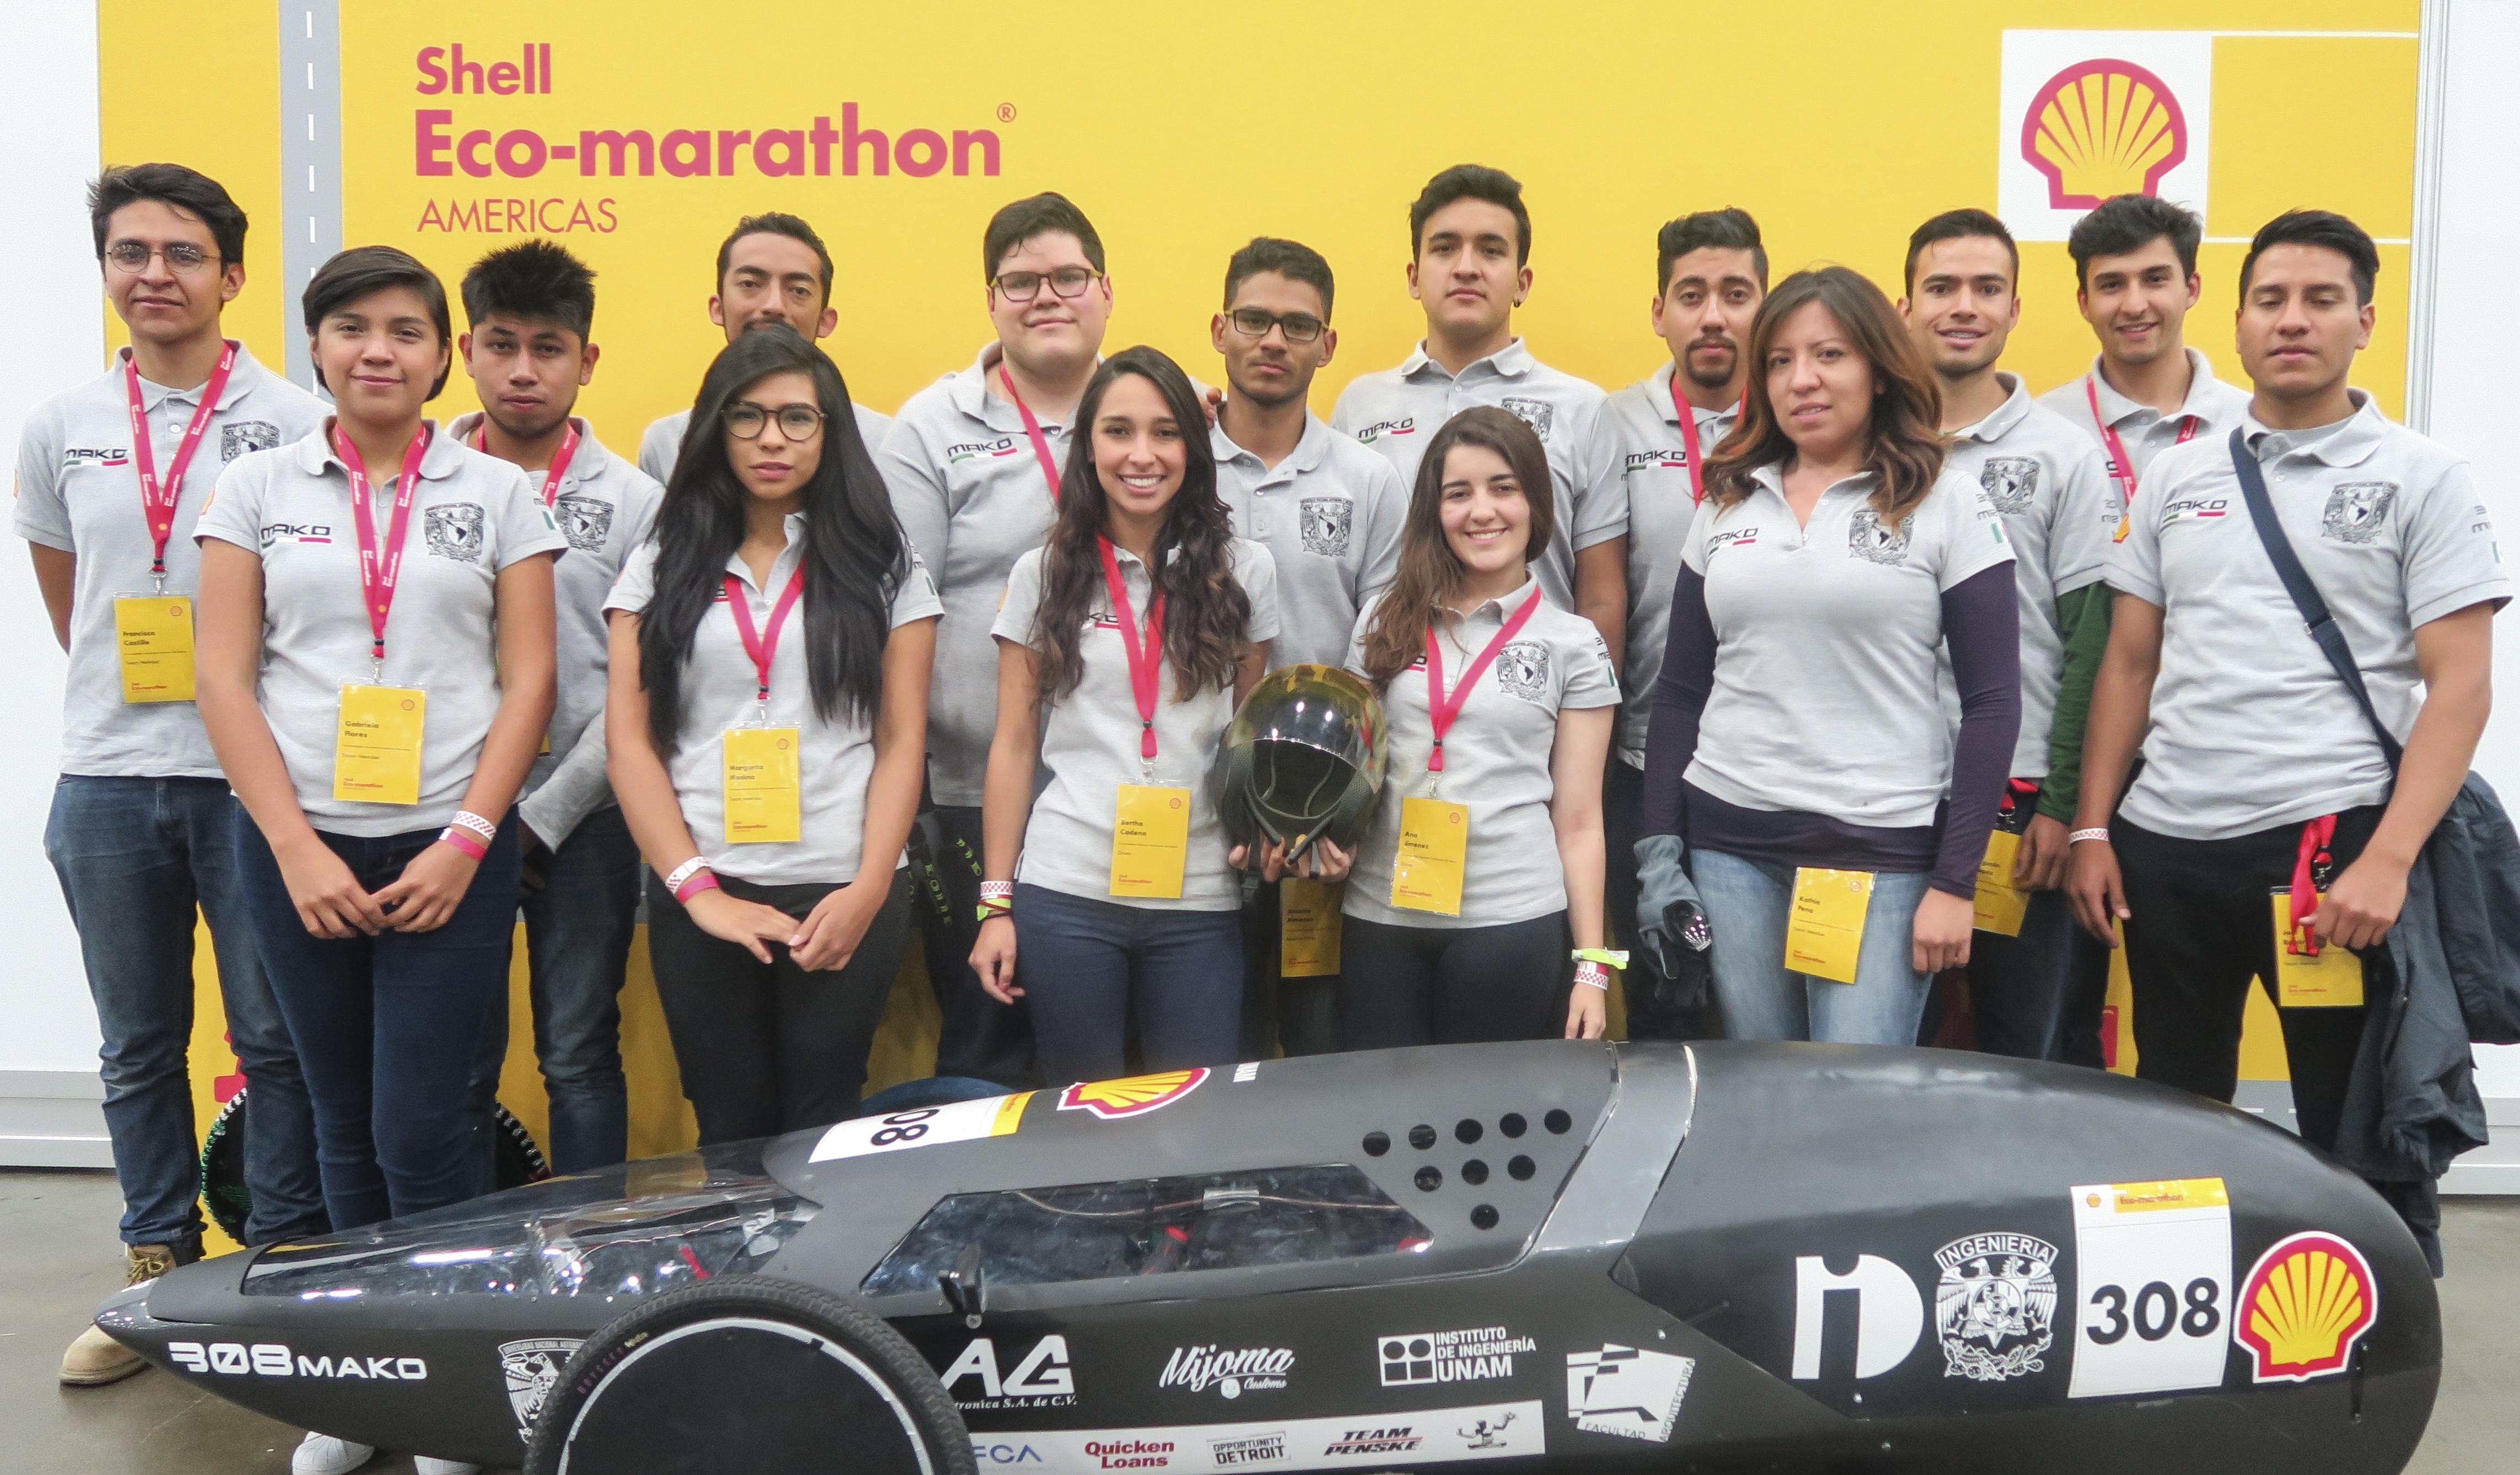 UNAM y Tec de Monterrey se enfrentarán en carrera de autos eléctricos